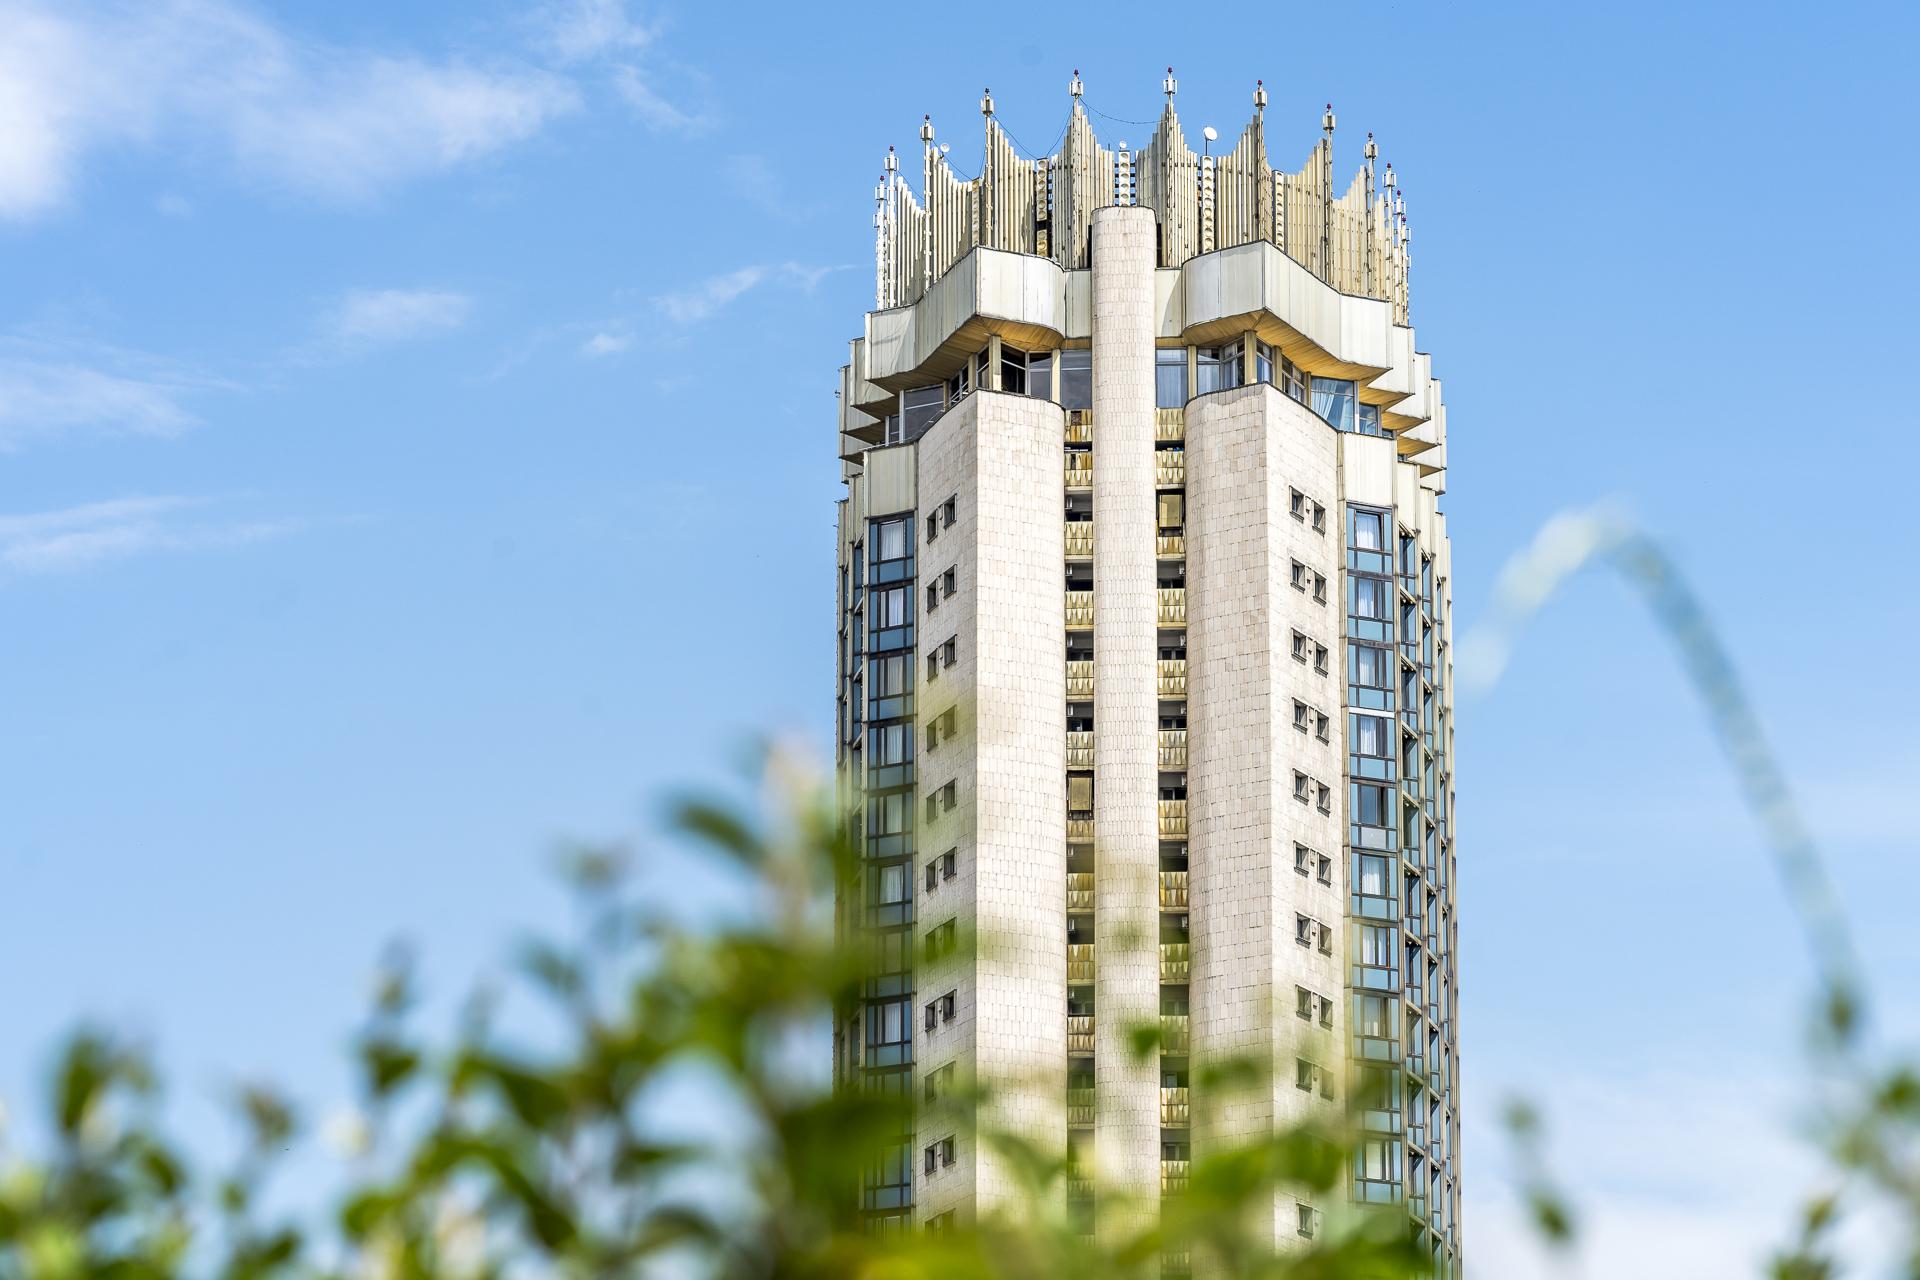 Sowjetbau in Almaty Kasachstan